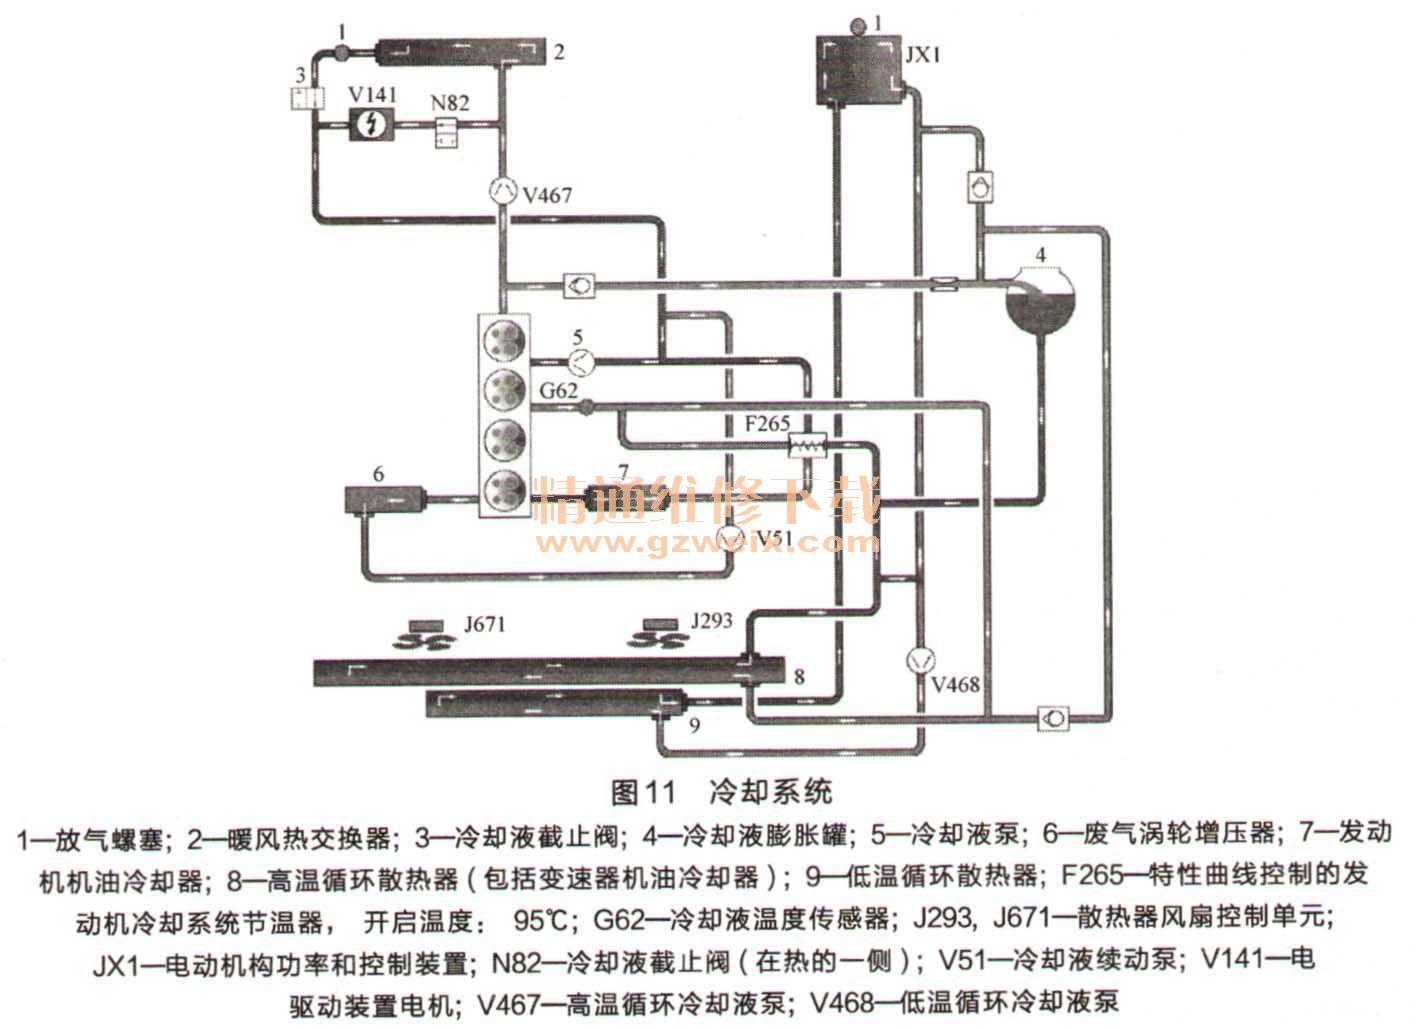 迪Q5混合动力汽车新技术高清图片